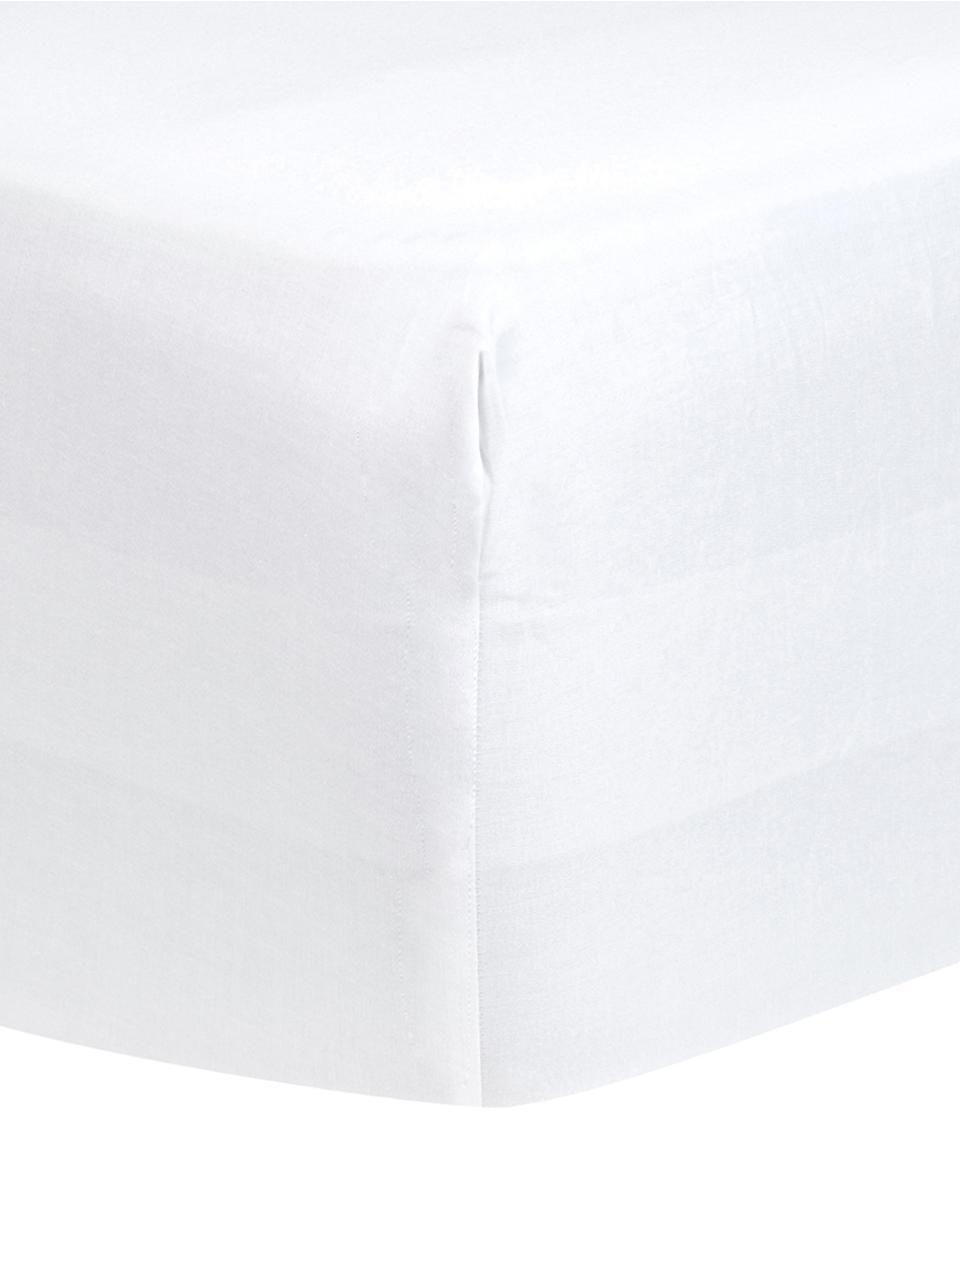 Prześcieradło z gumką na łóżko kontynentalne z satyny bawełnianej Comfort, Biały, S 200 x D 200 cm